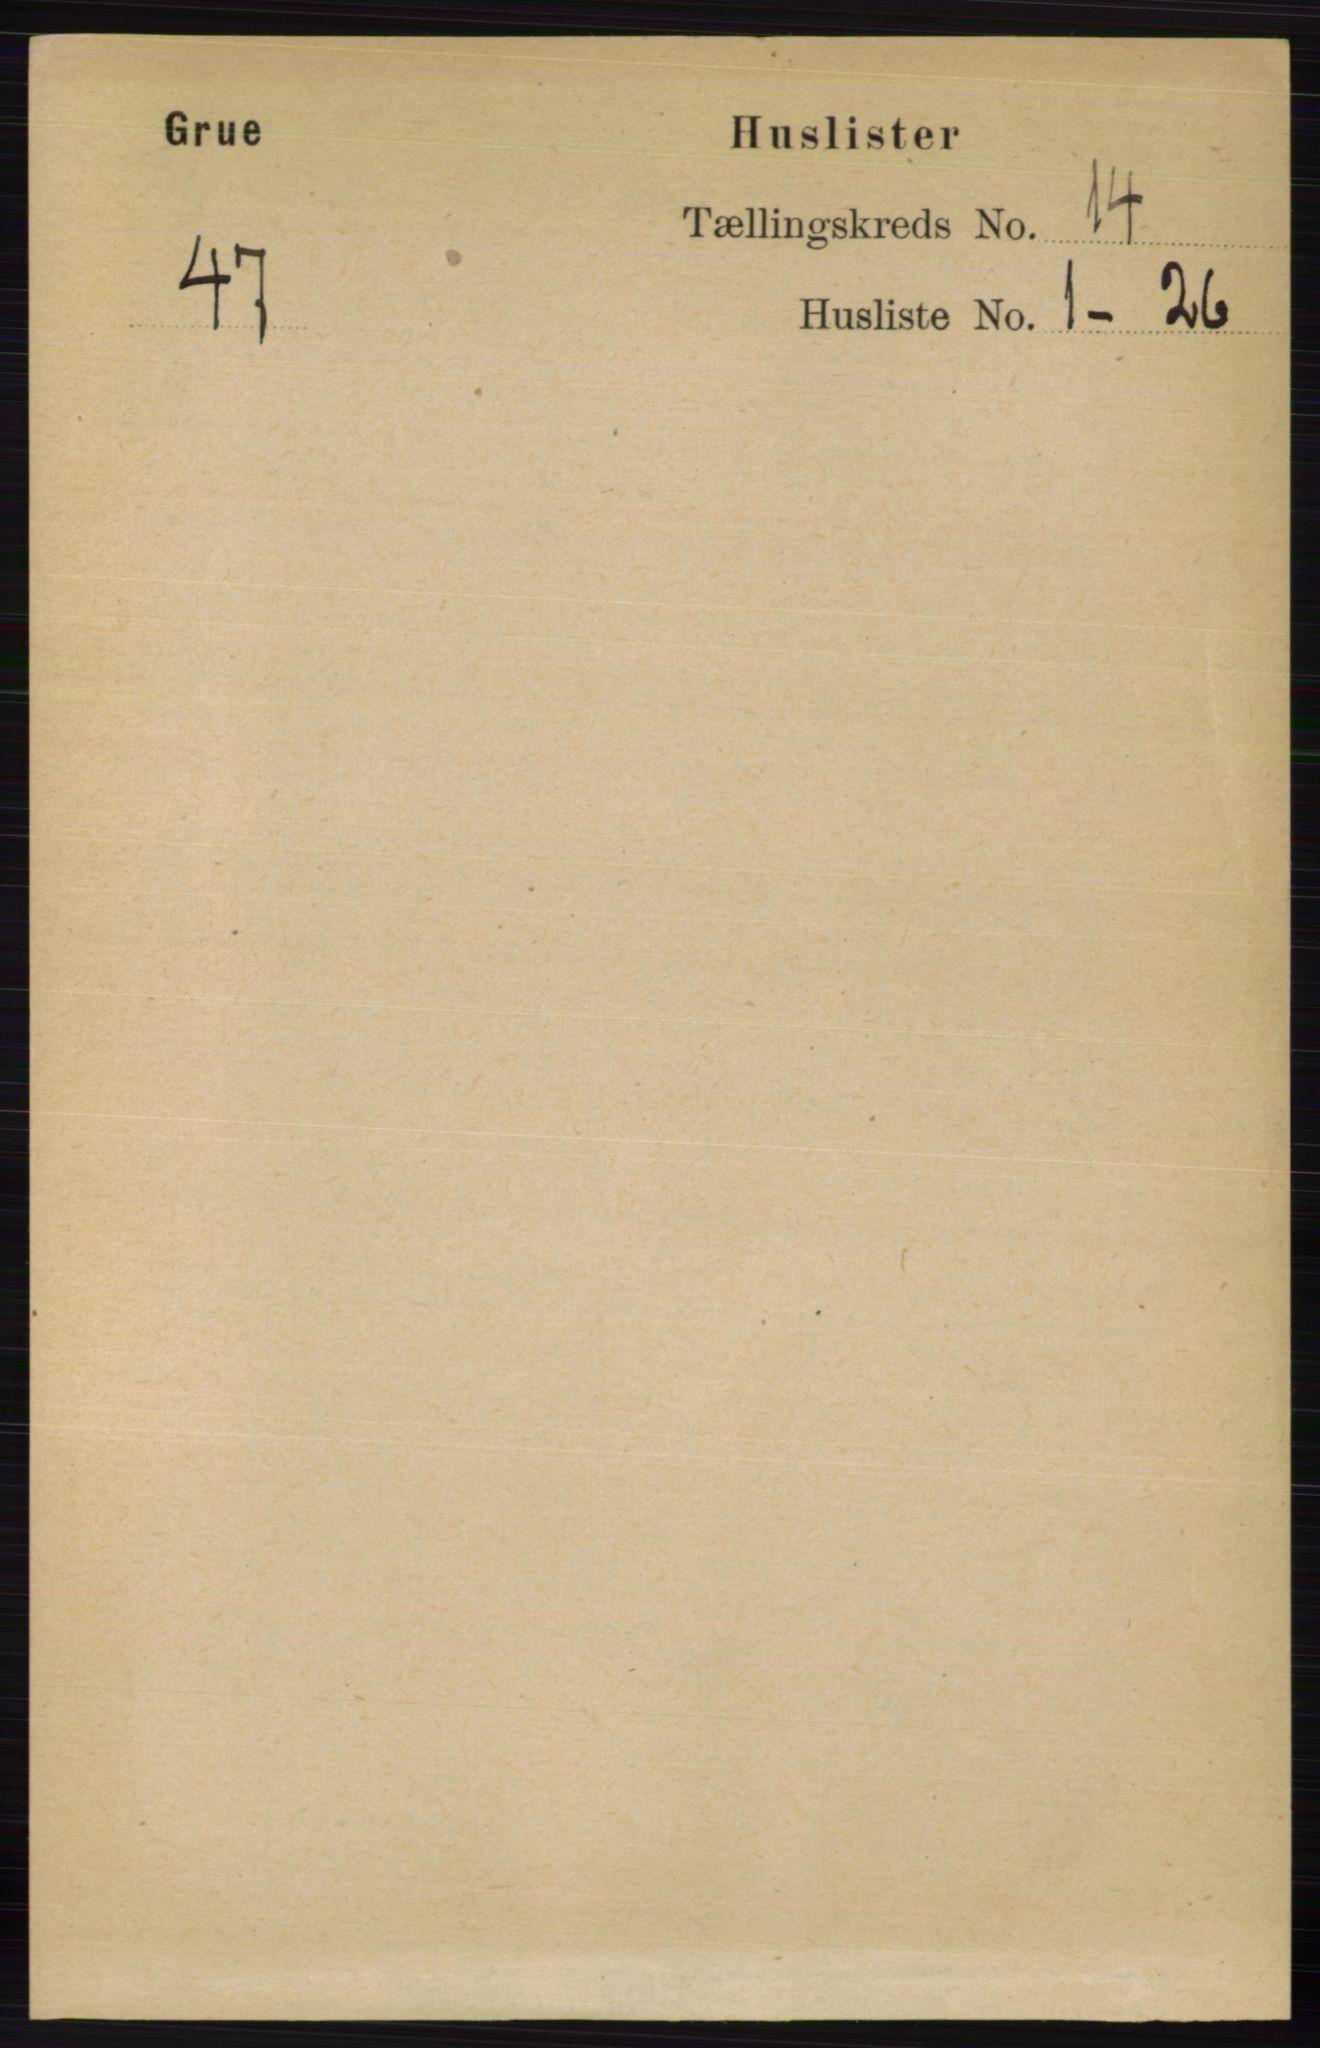 RA, Folketelling 1891 for 0423 Grue herred, 1891, s. 6984